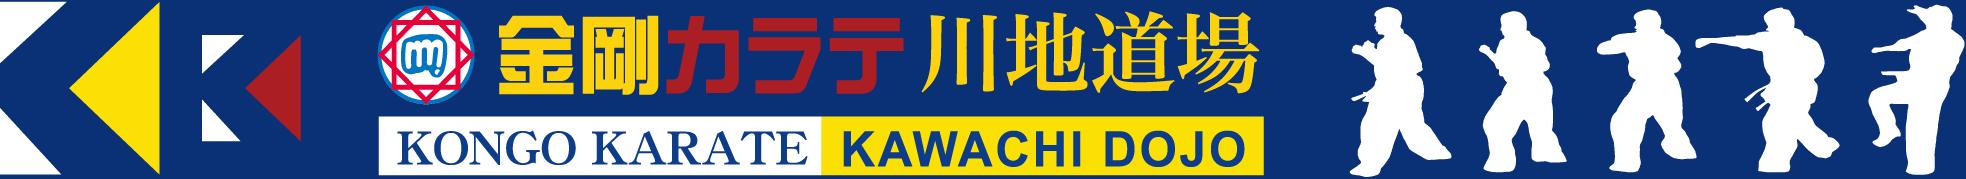 日本総合格闘カラテ協会 空手道場 金剛カラテ 川地道場